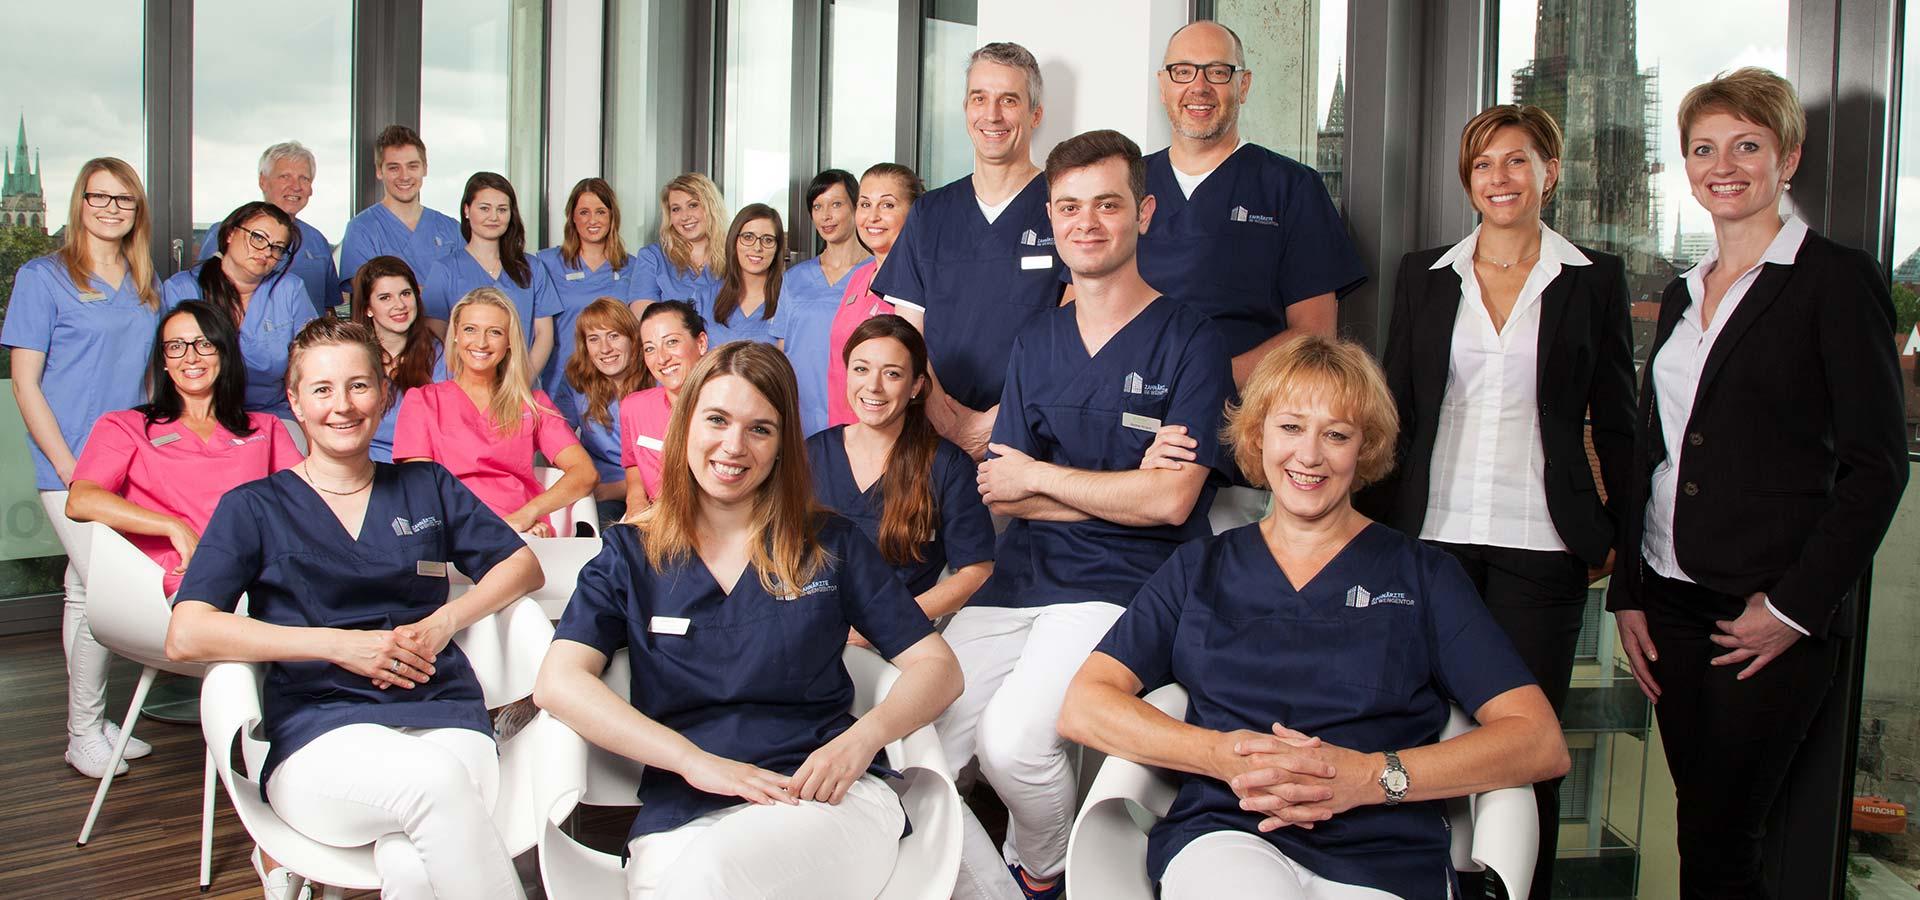 Vorstellung des Teams der Zahnärzte im Wengentor in Ulm